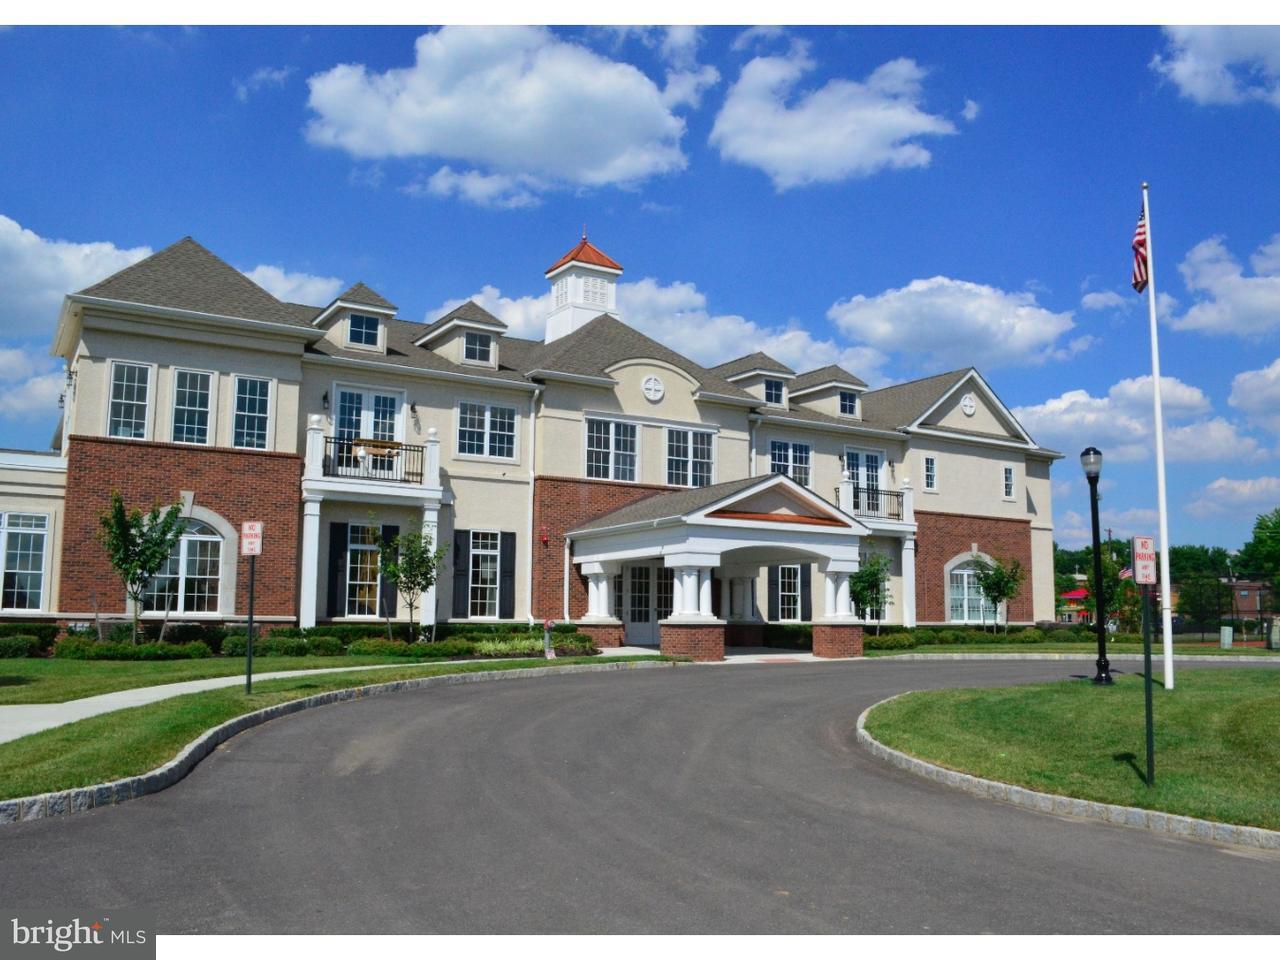 独户住宅 为 出租 在 430 CITATION LN #430 Cherry Hill, 新泽西州 08002 美国